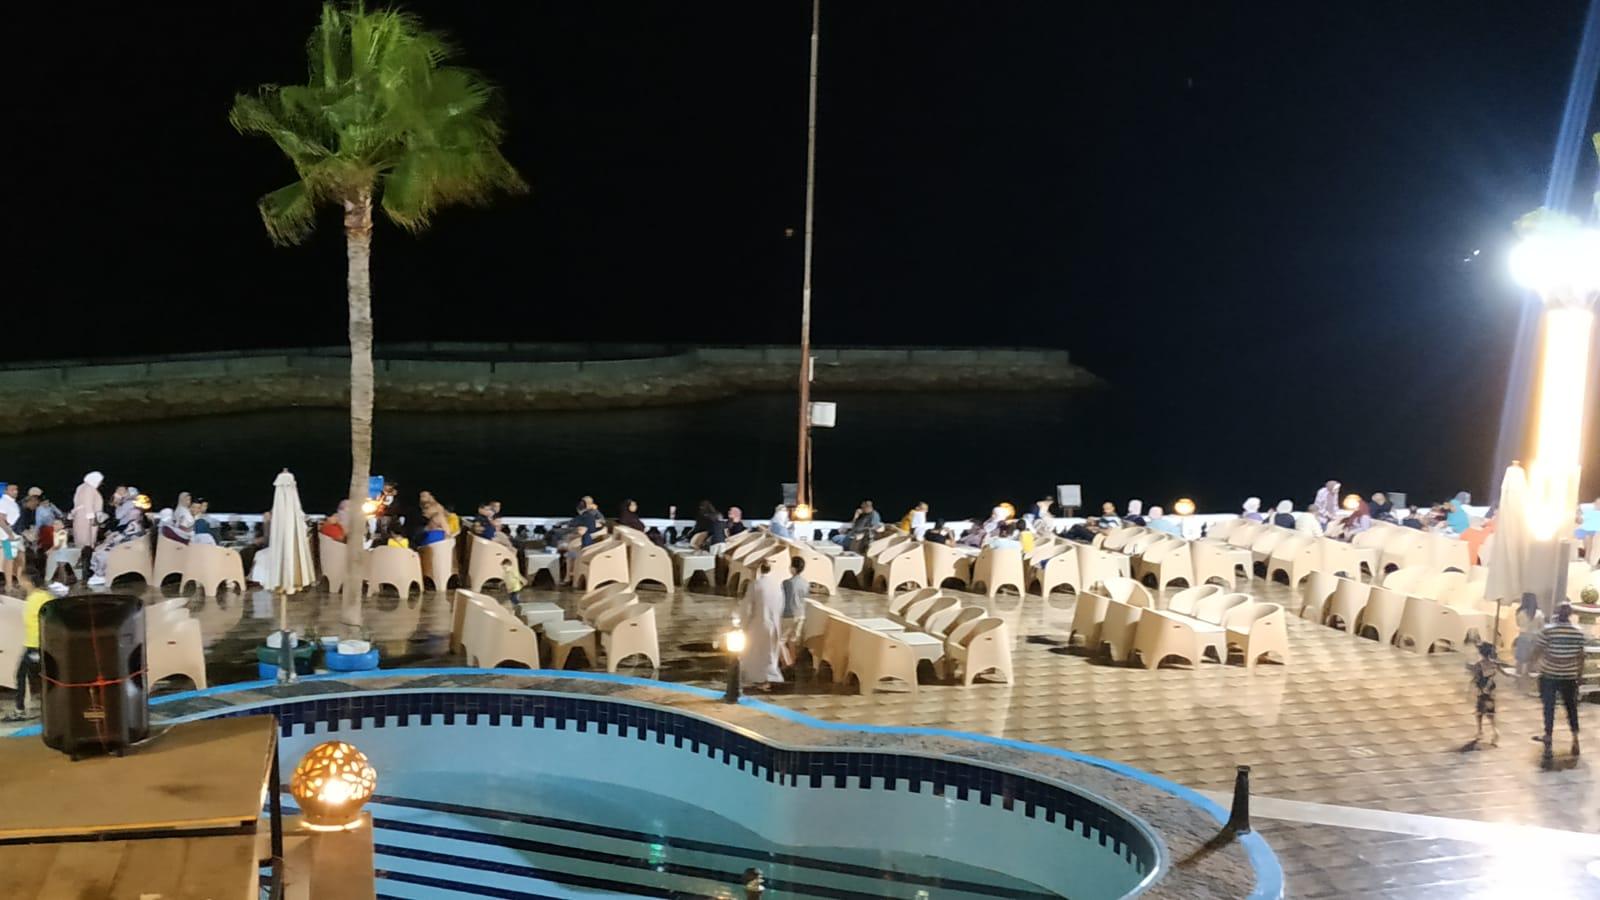 مطروح تواصل جذب عشاقها بالطقس الرائع والأجواء الليلية على الكورنيش (9)